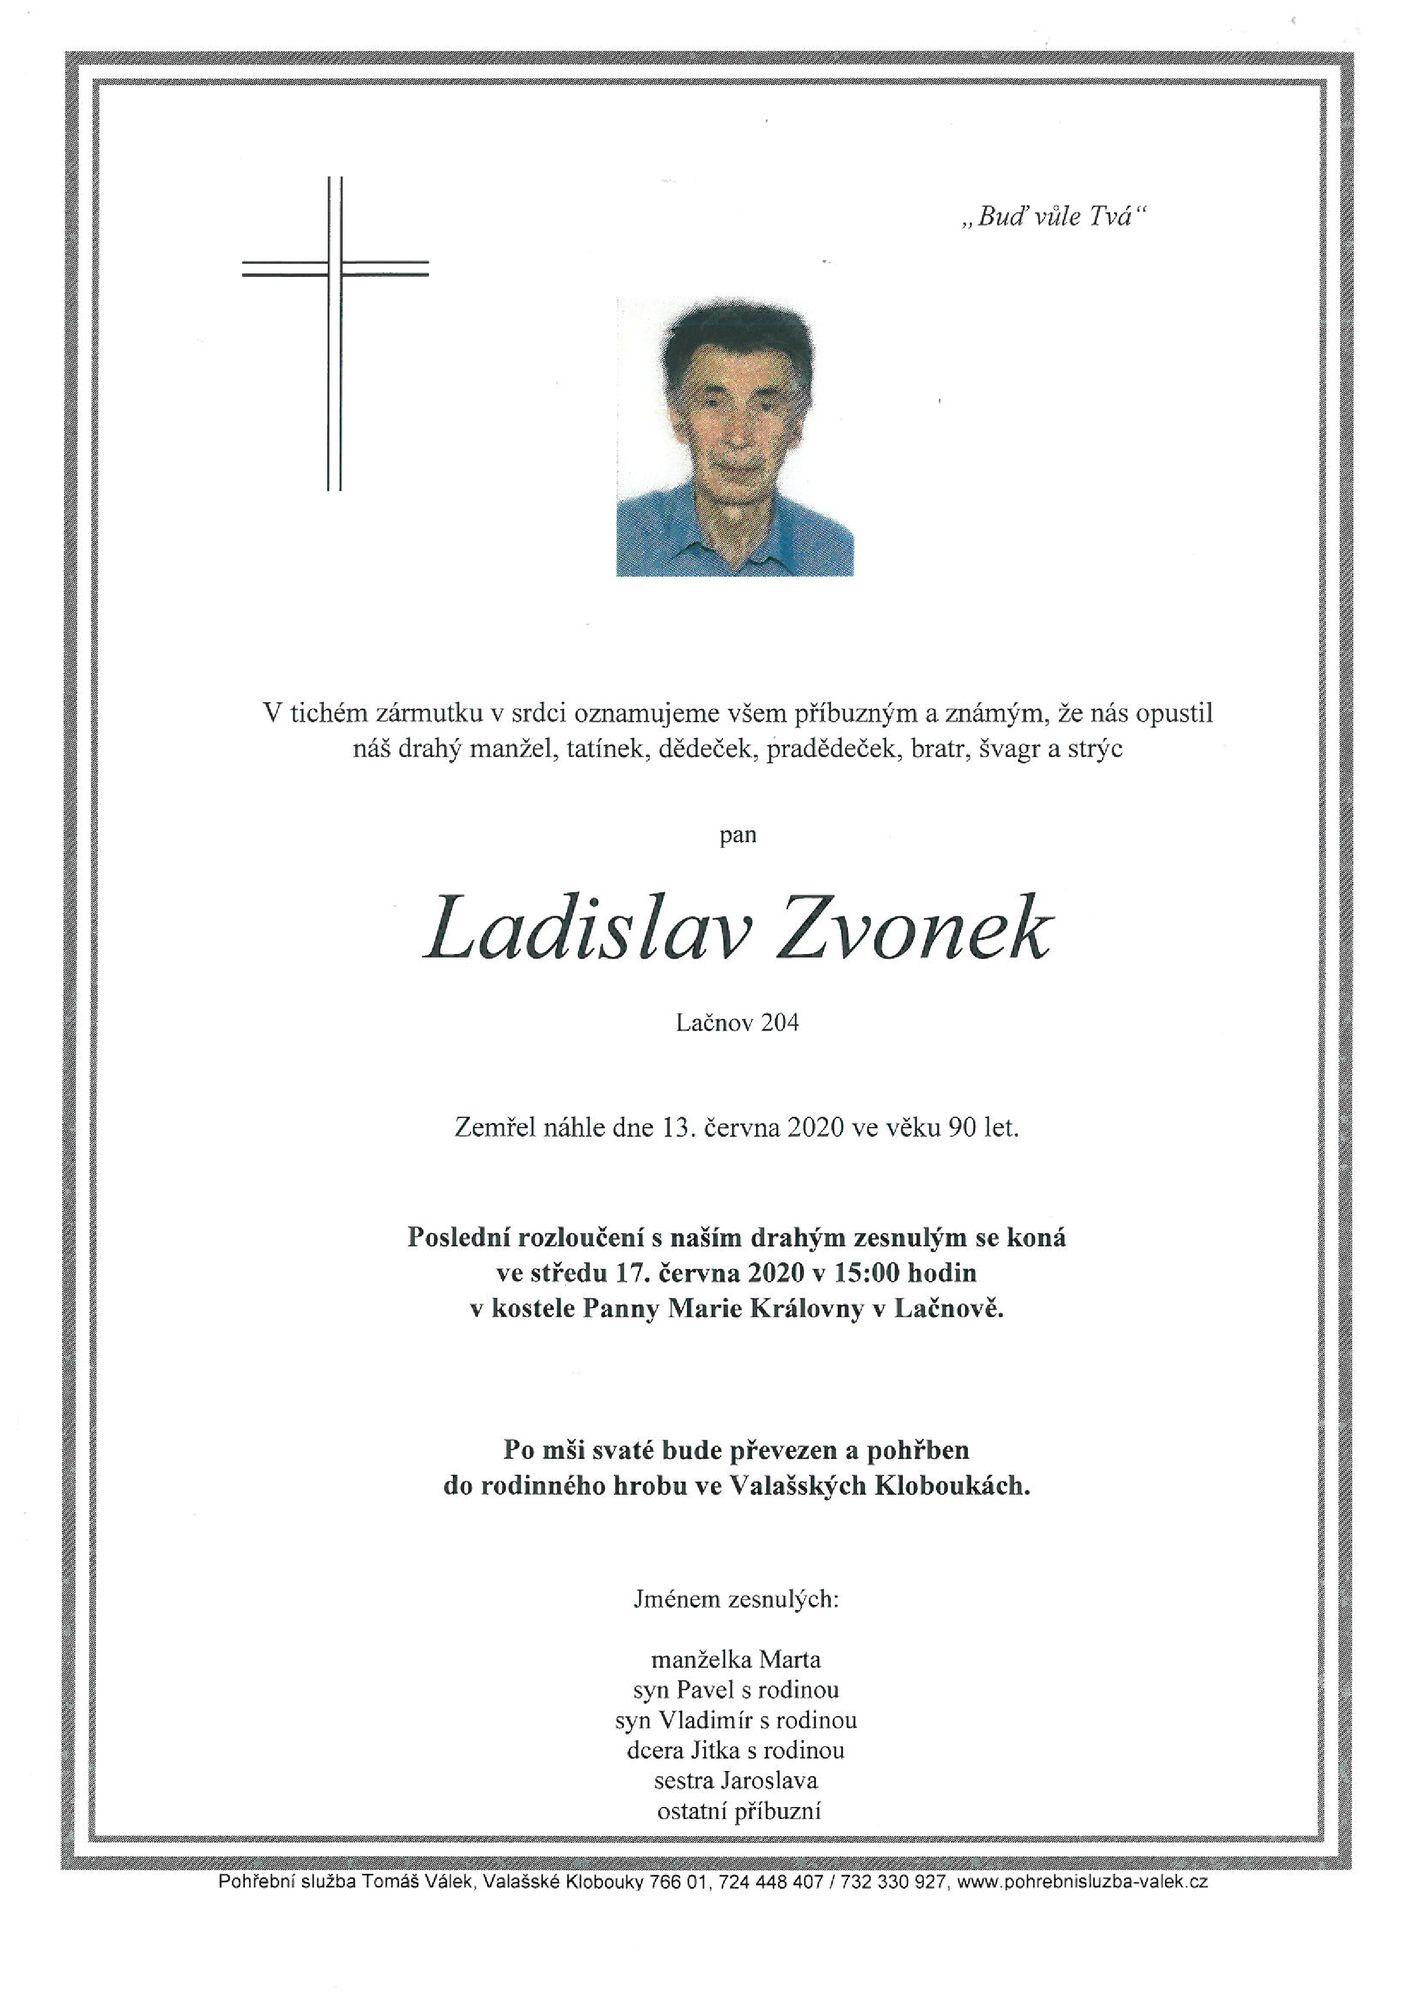 Ladislav Zvonek